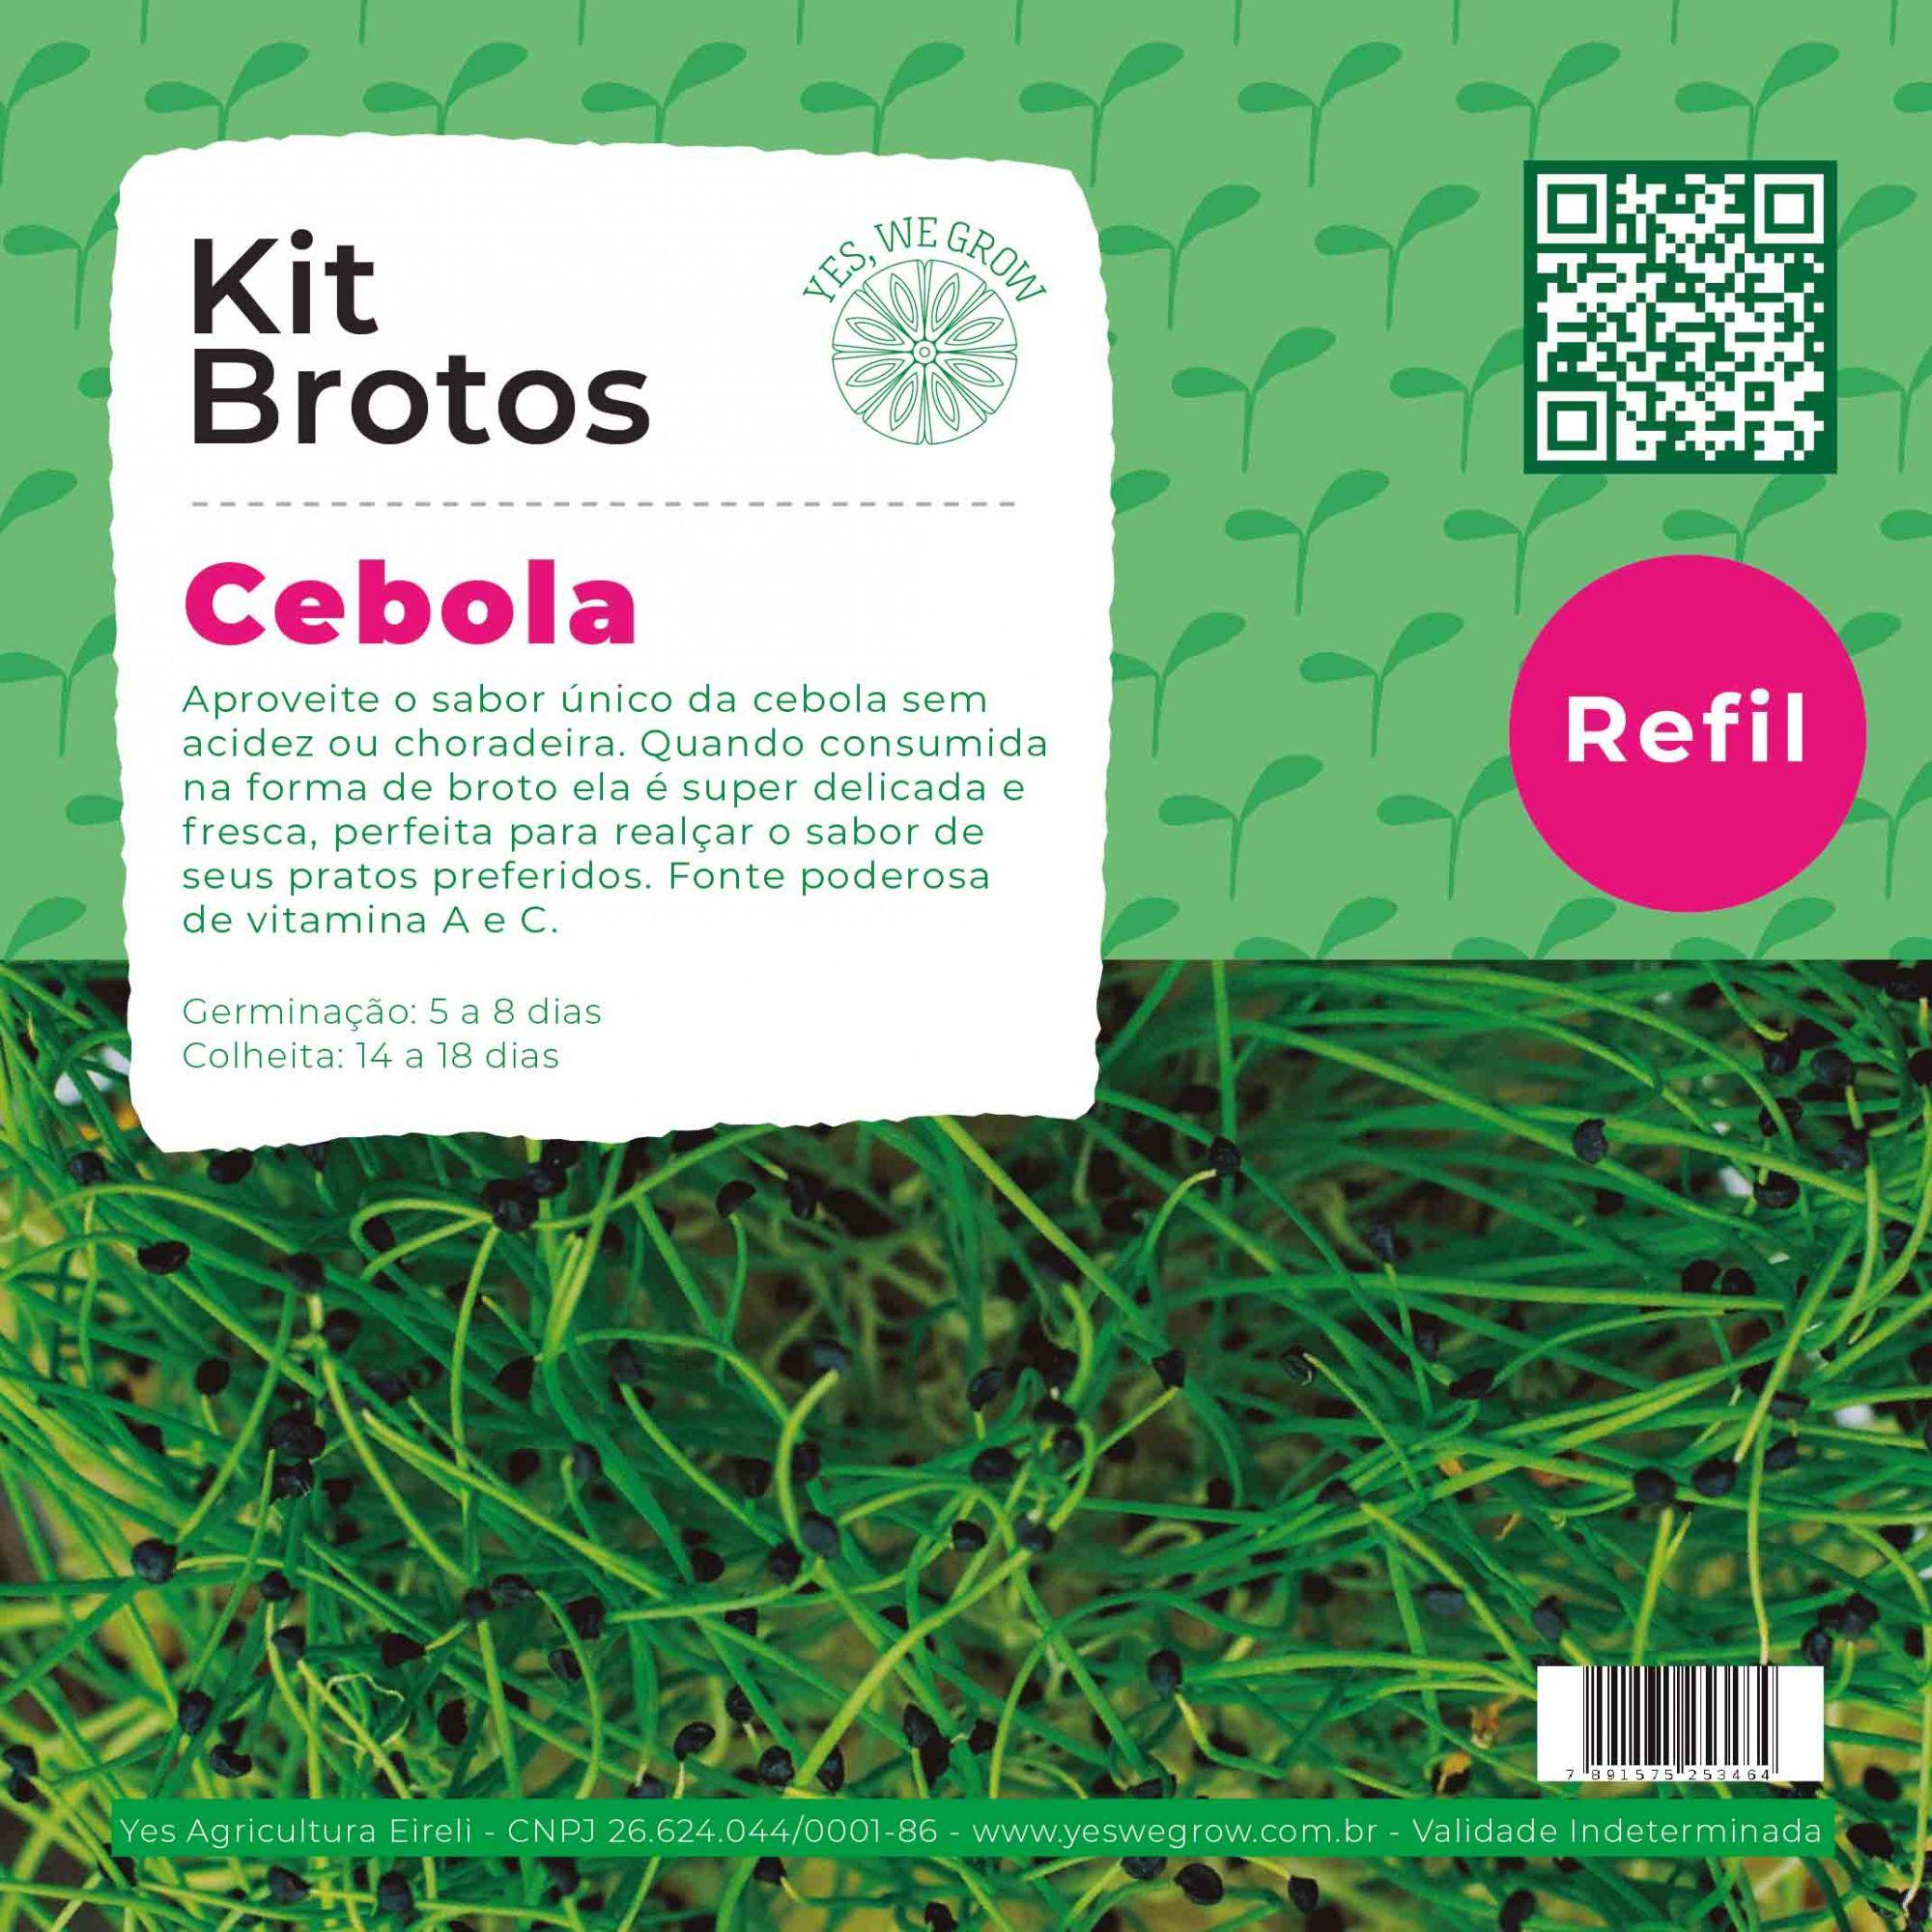 Refil para Kit Brotos Cebola